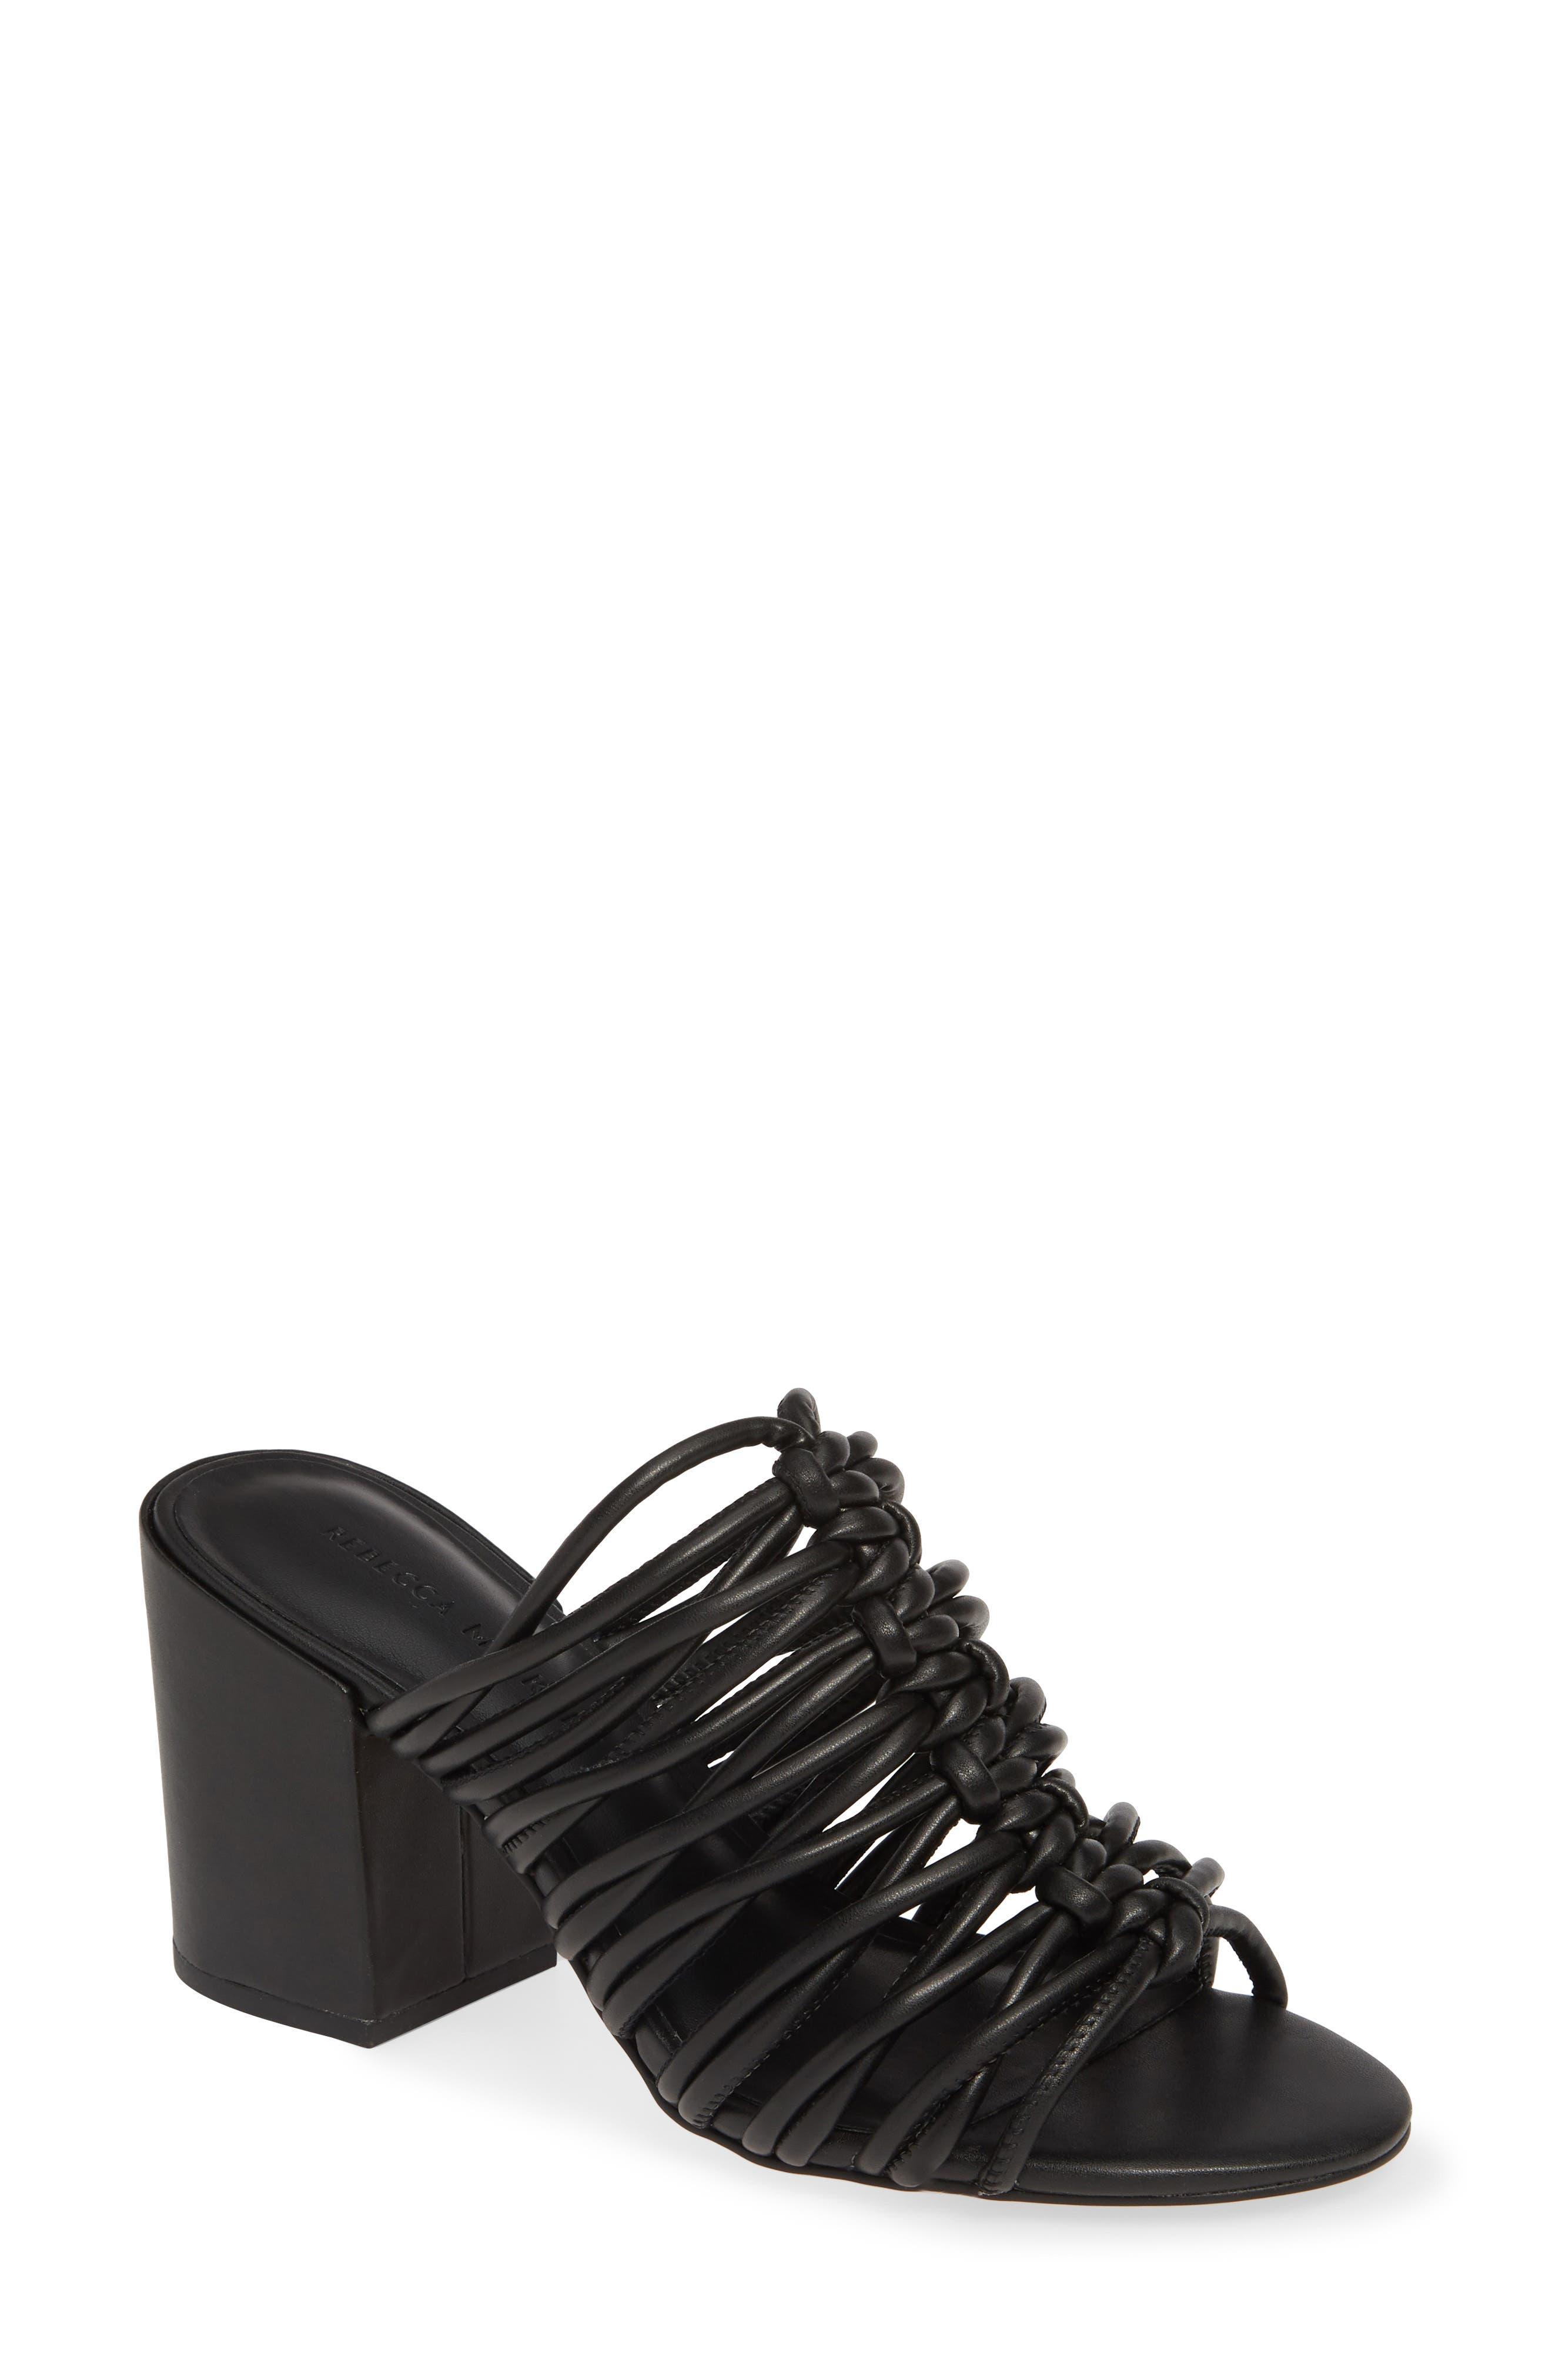 Rebecca Minkoff Calanthe Slide Sandal, Black